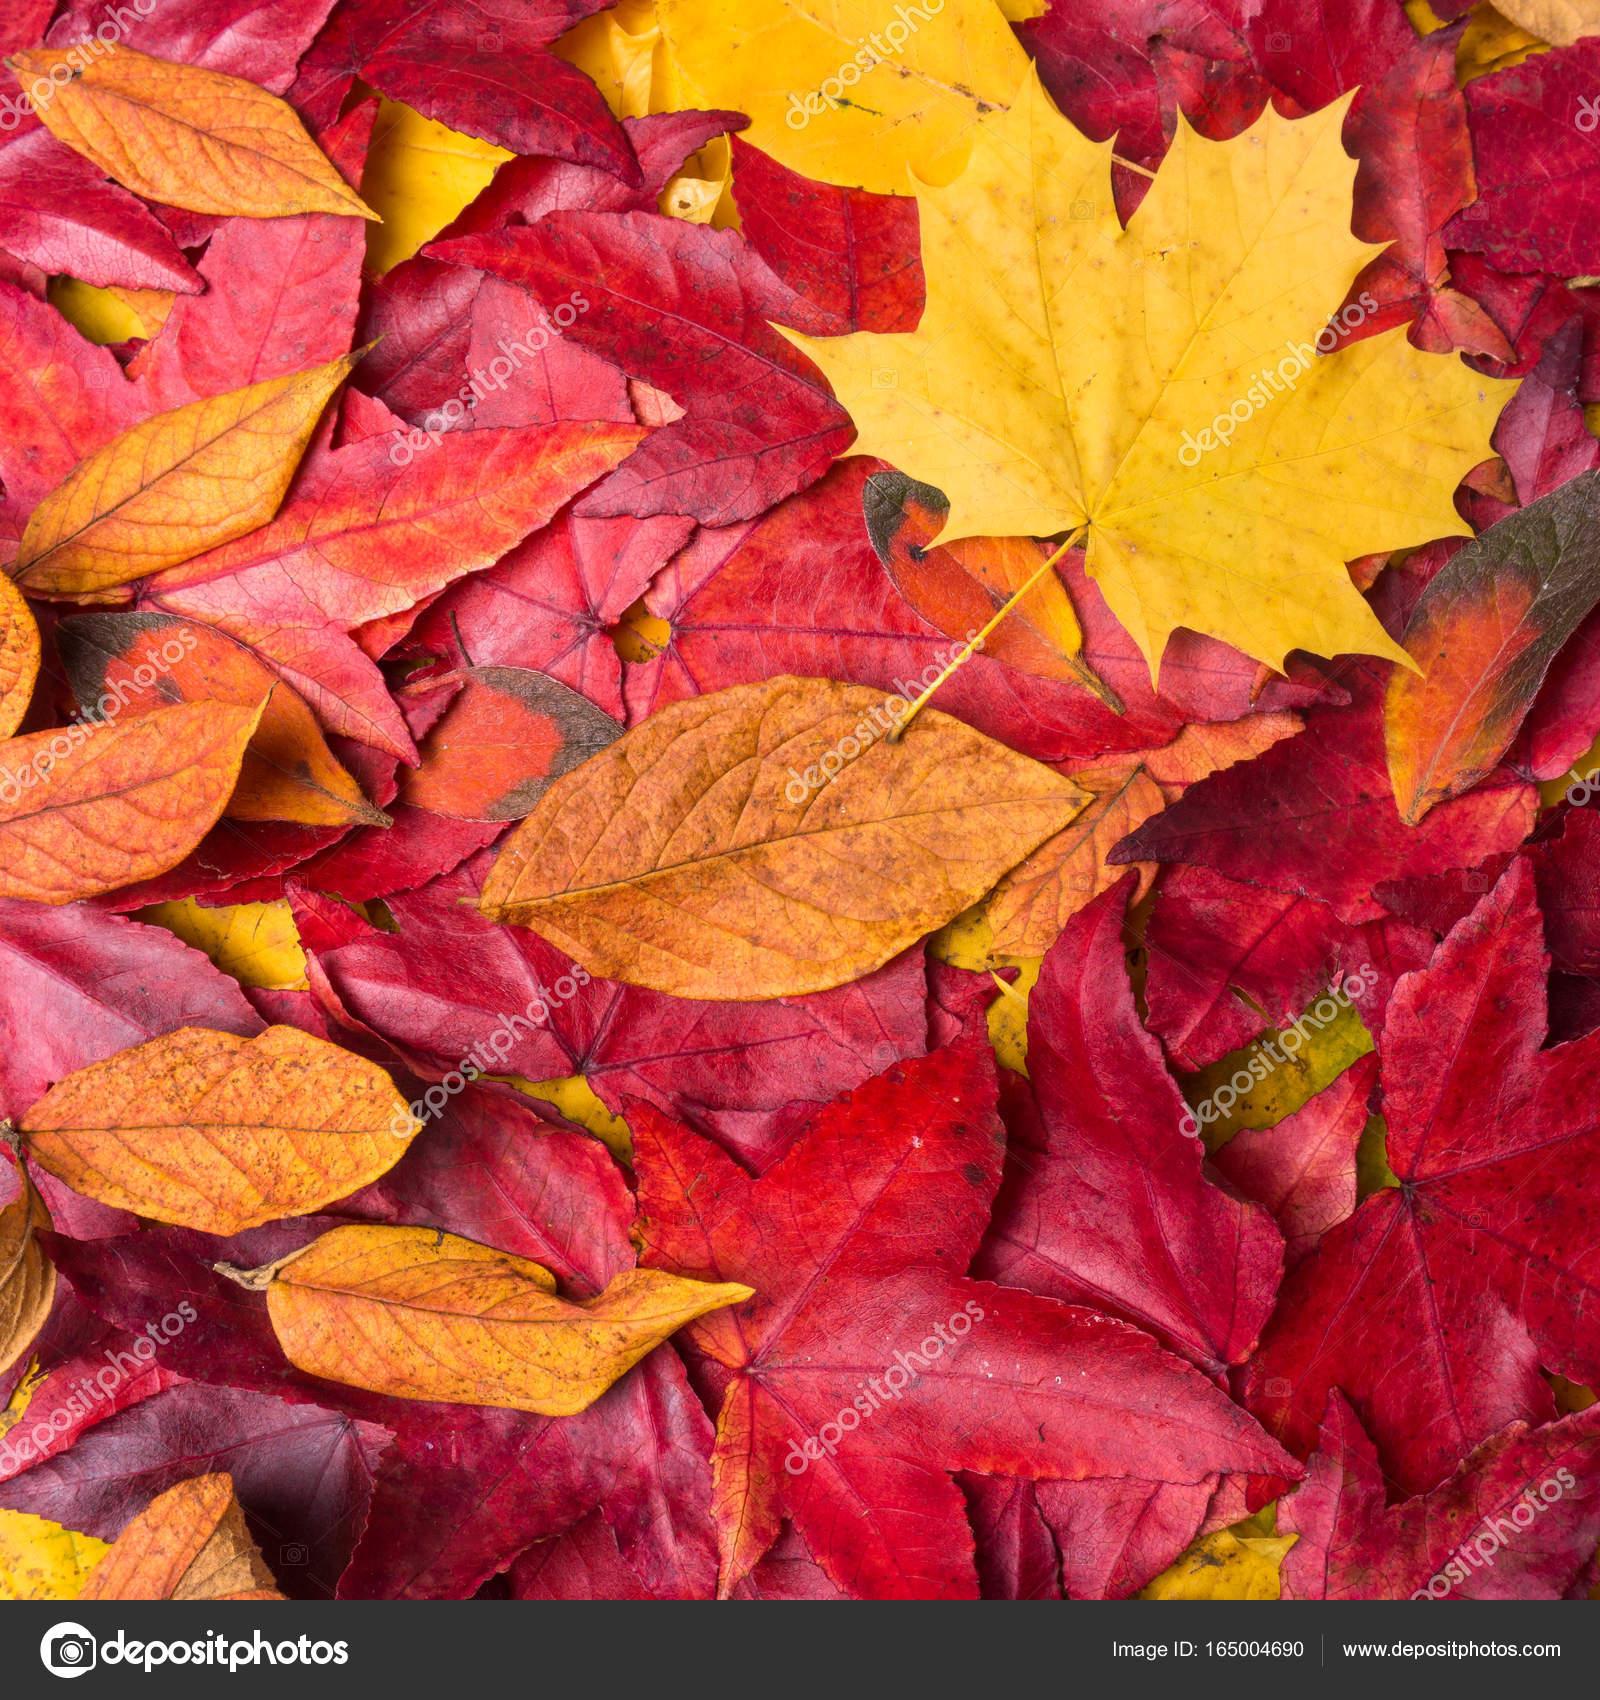 Herbst Blatter Hintergrund Bunte Blatter Im Herbst Stockfoto